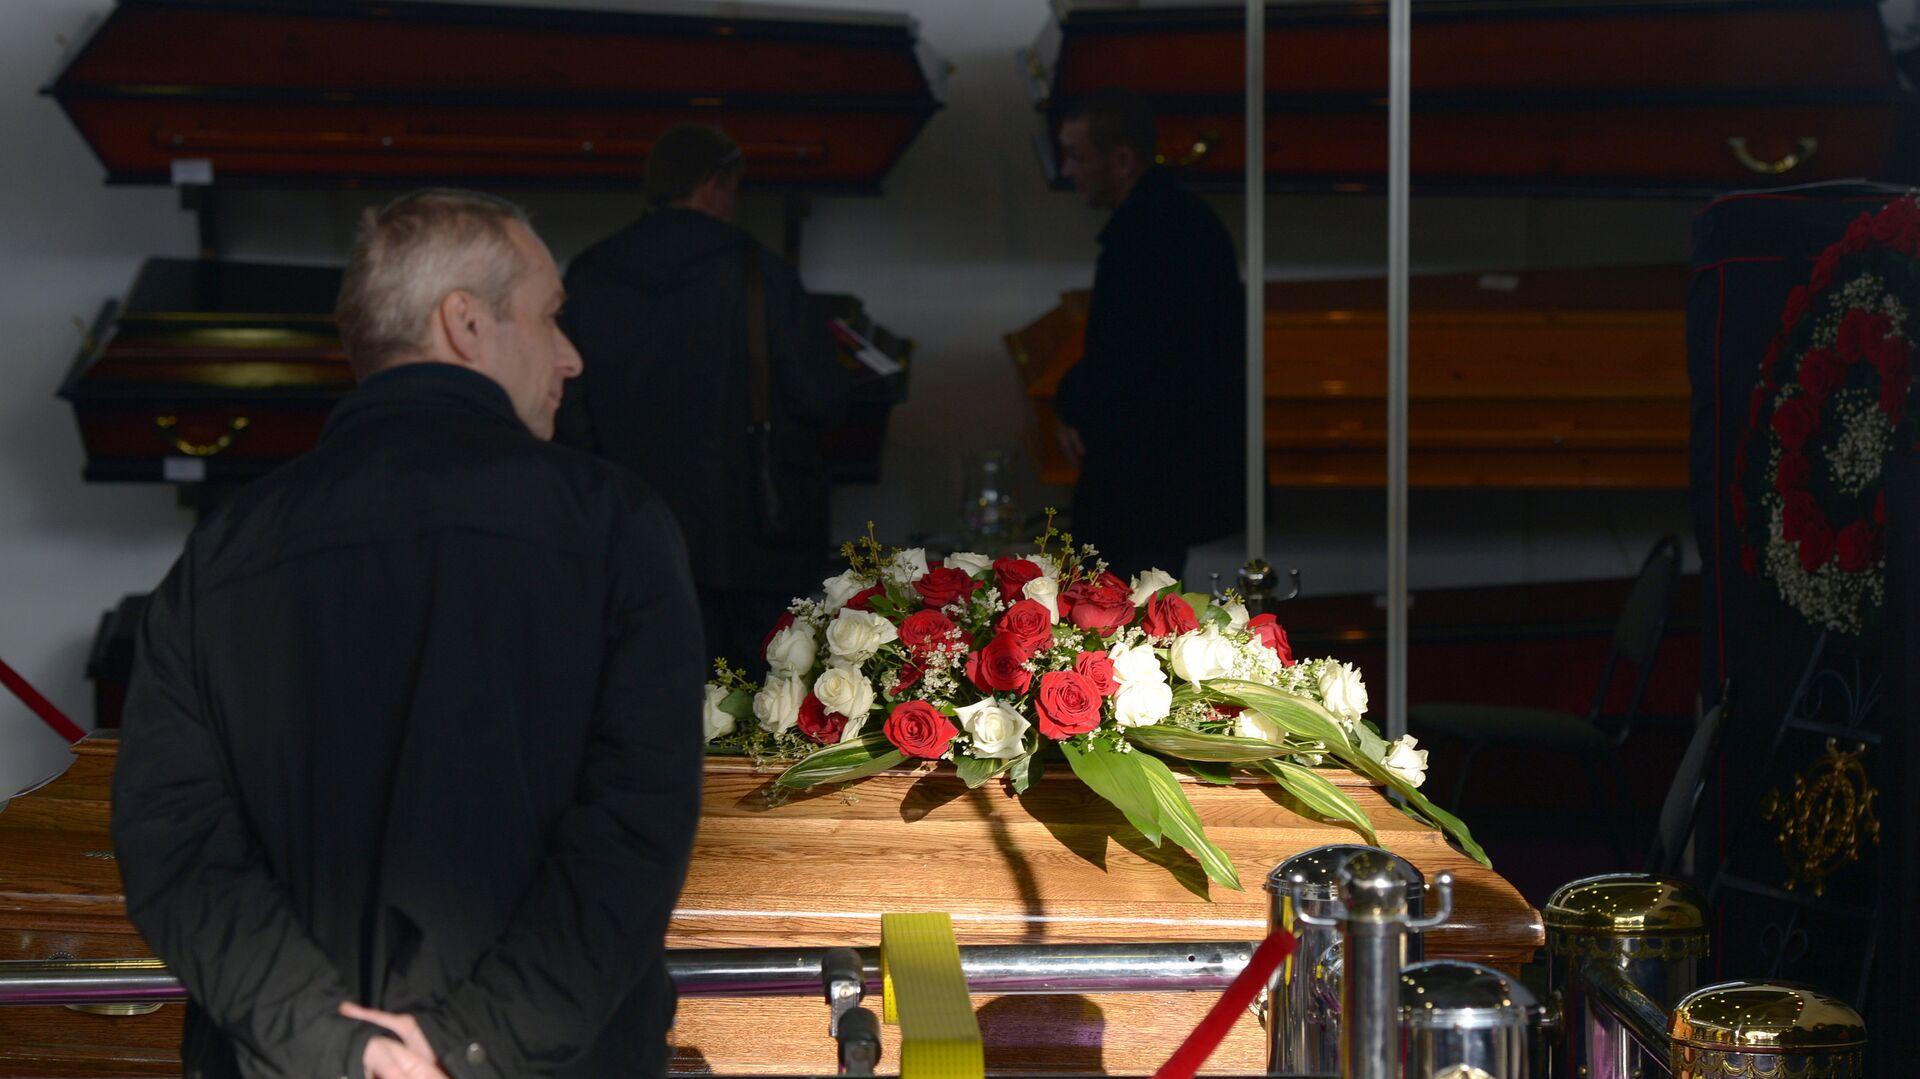 ХХI-я специализированная выставка похоронных услуг Некрополь-2013 - РИА Новости, 1920, 26.08.2021